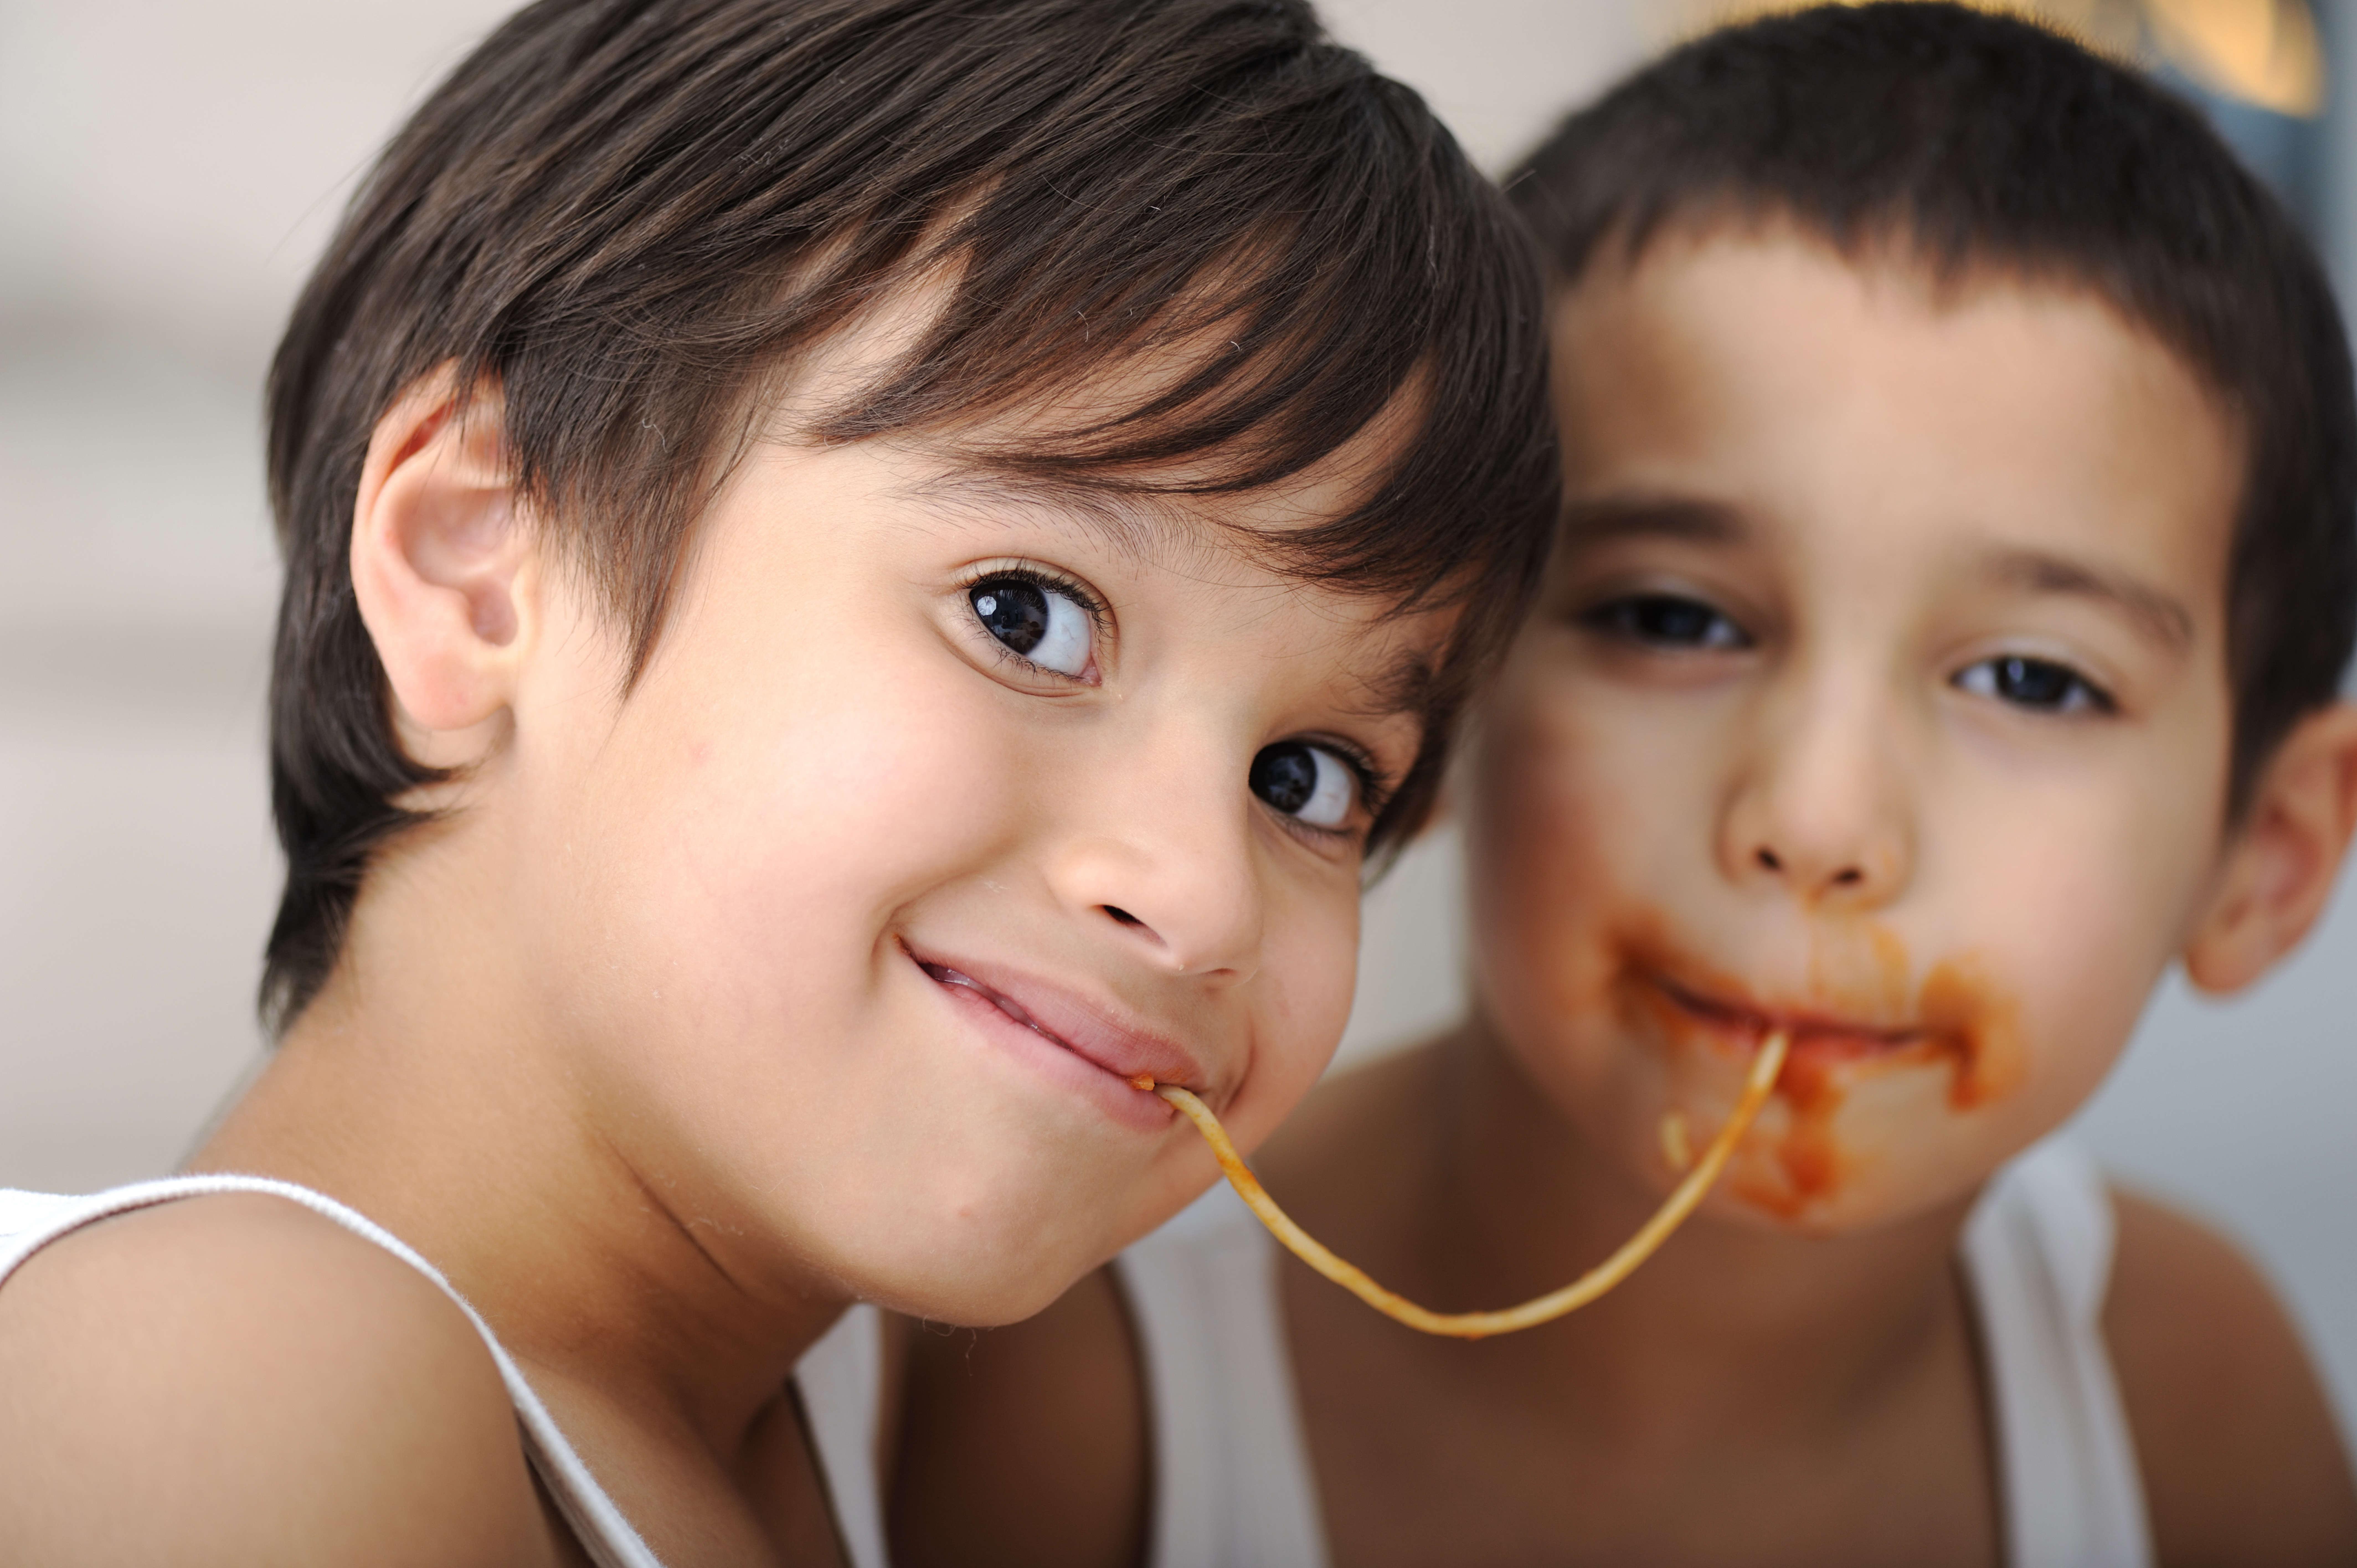 Alimentazione e buone abitudini - Pancia sana, corpo sano